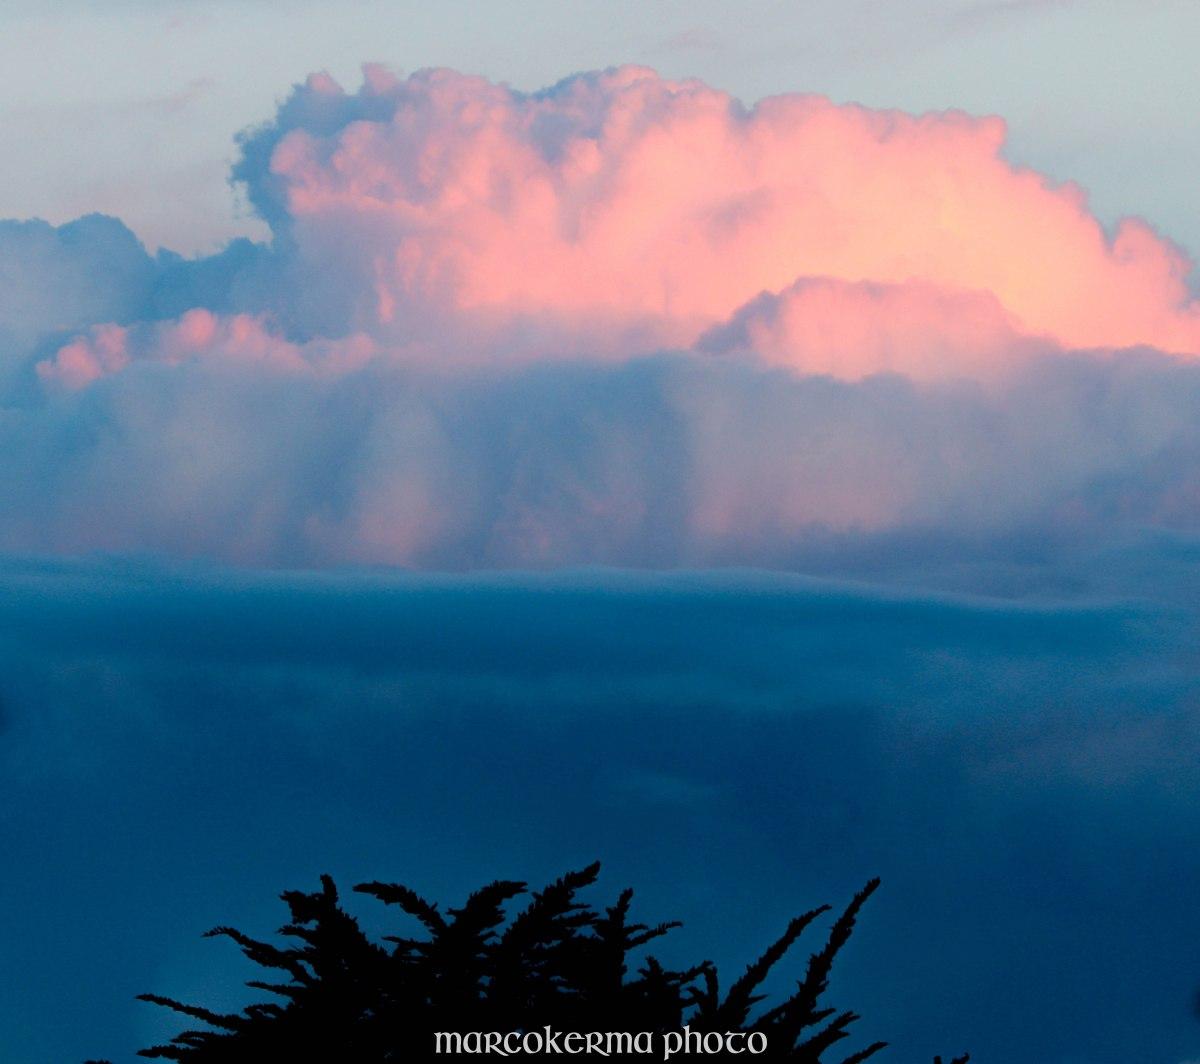 nuages 10 juin 19, 22h02.jpg